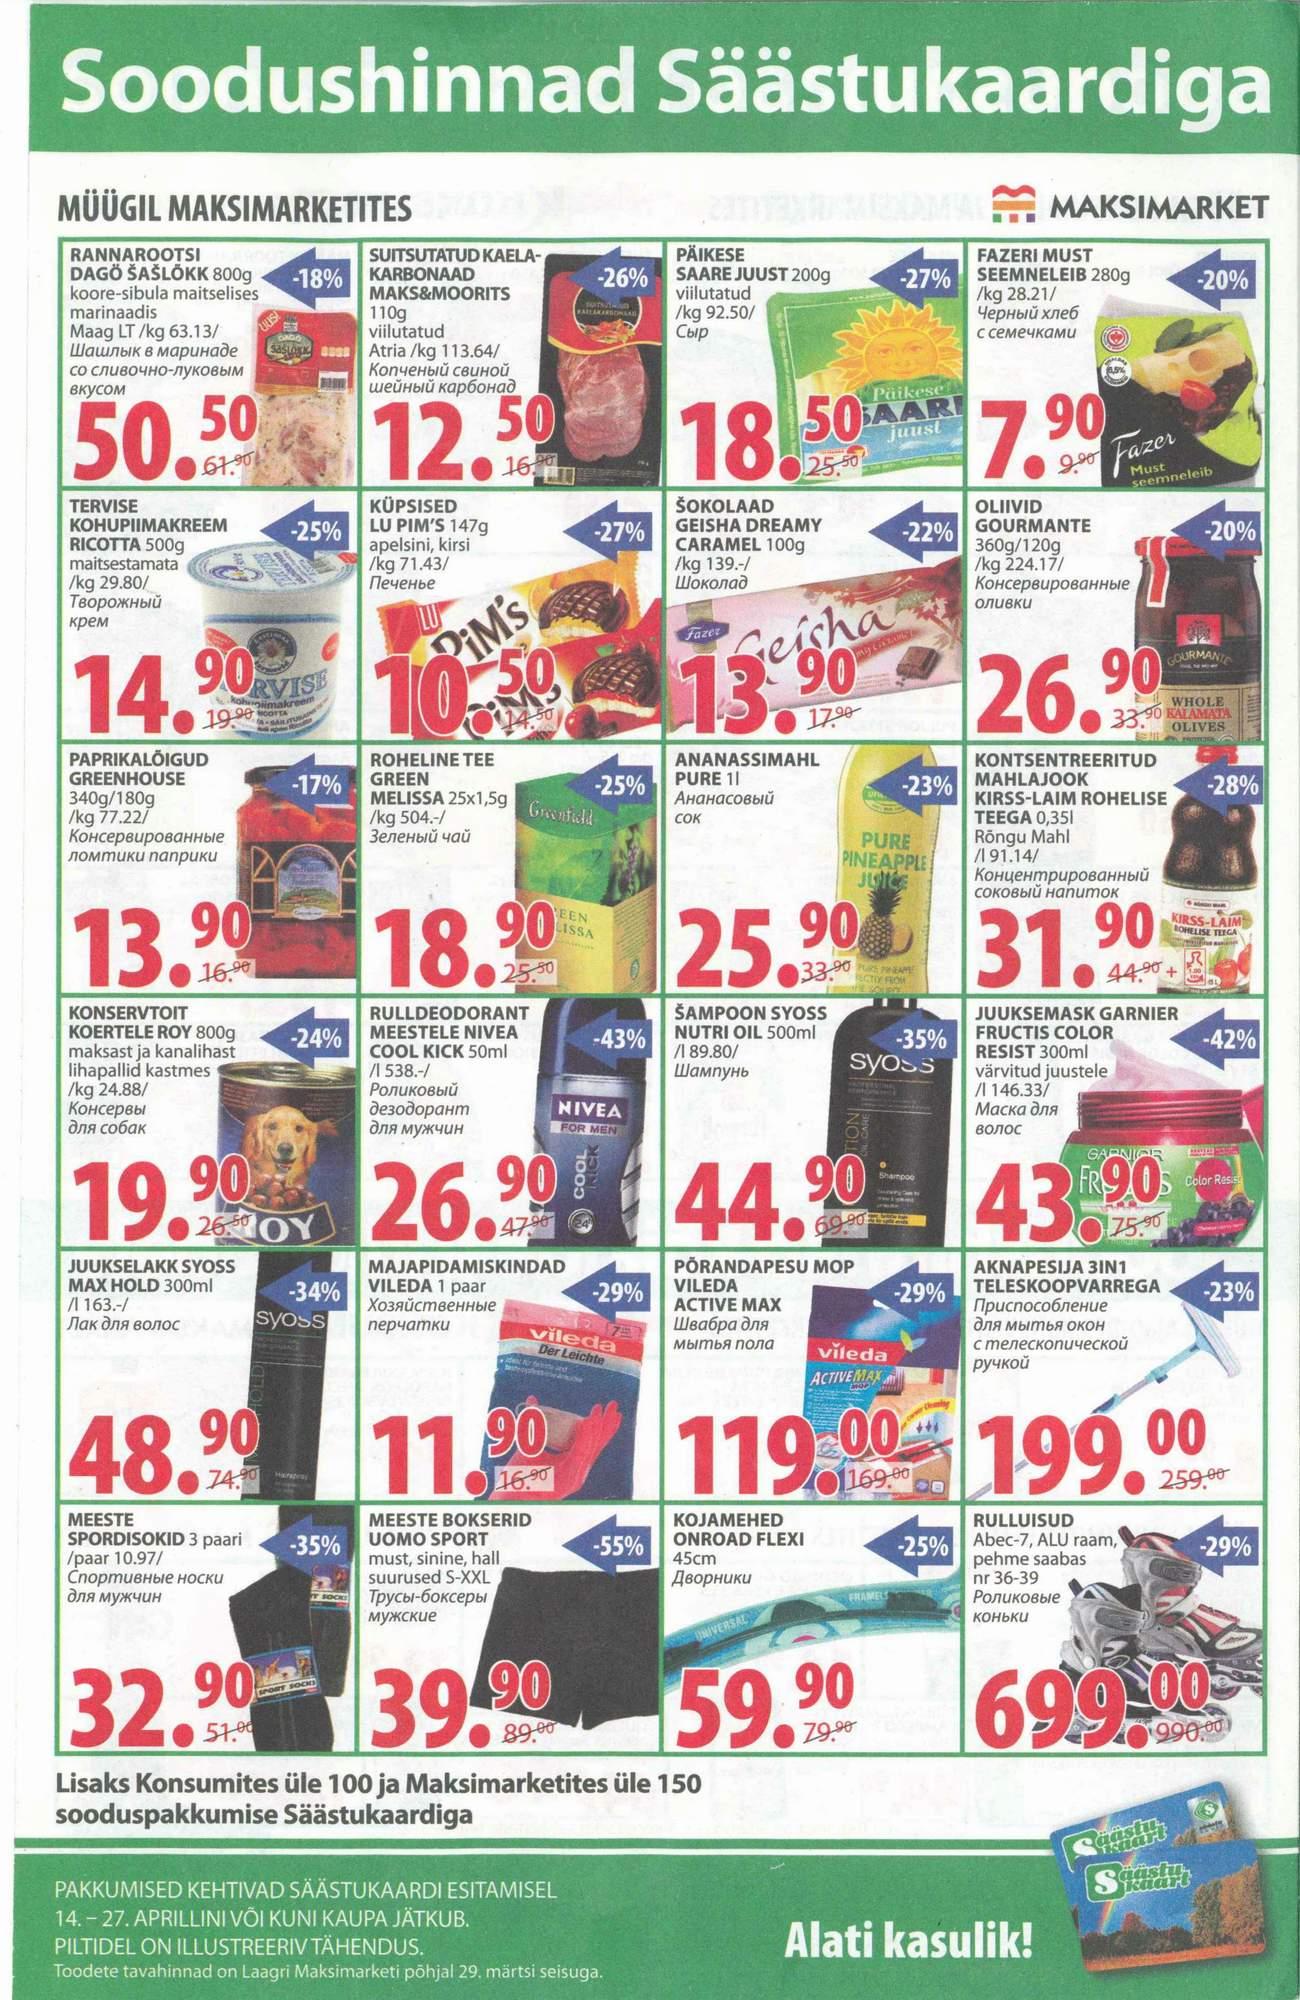 цены на продукты в Эстонии